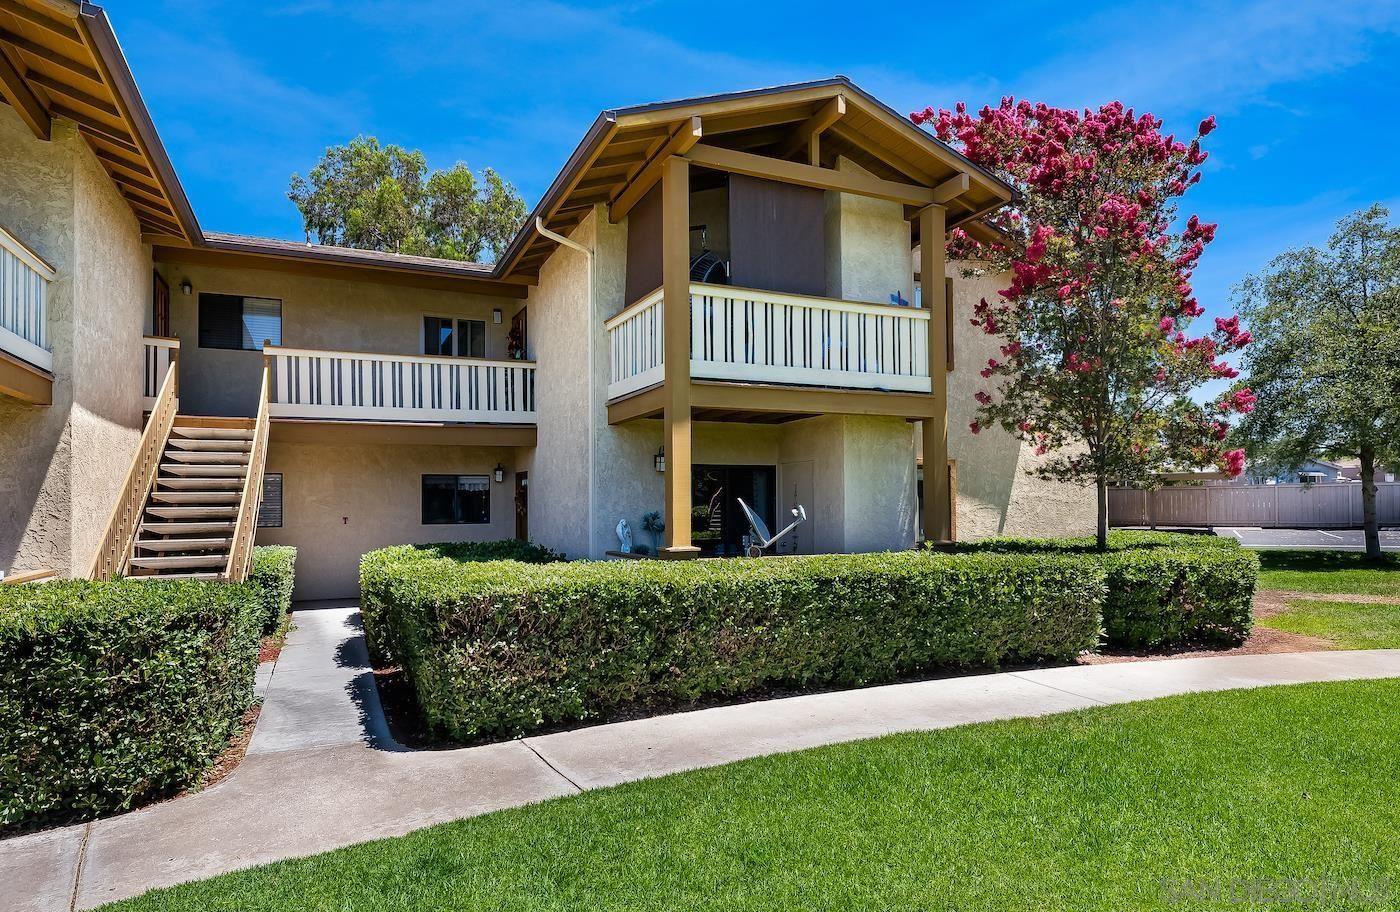 Photo of 1423 Graves Ave #114, El Cajon, CA 92021 (MLS # 210021234)